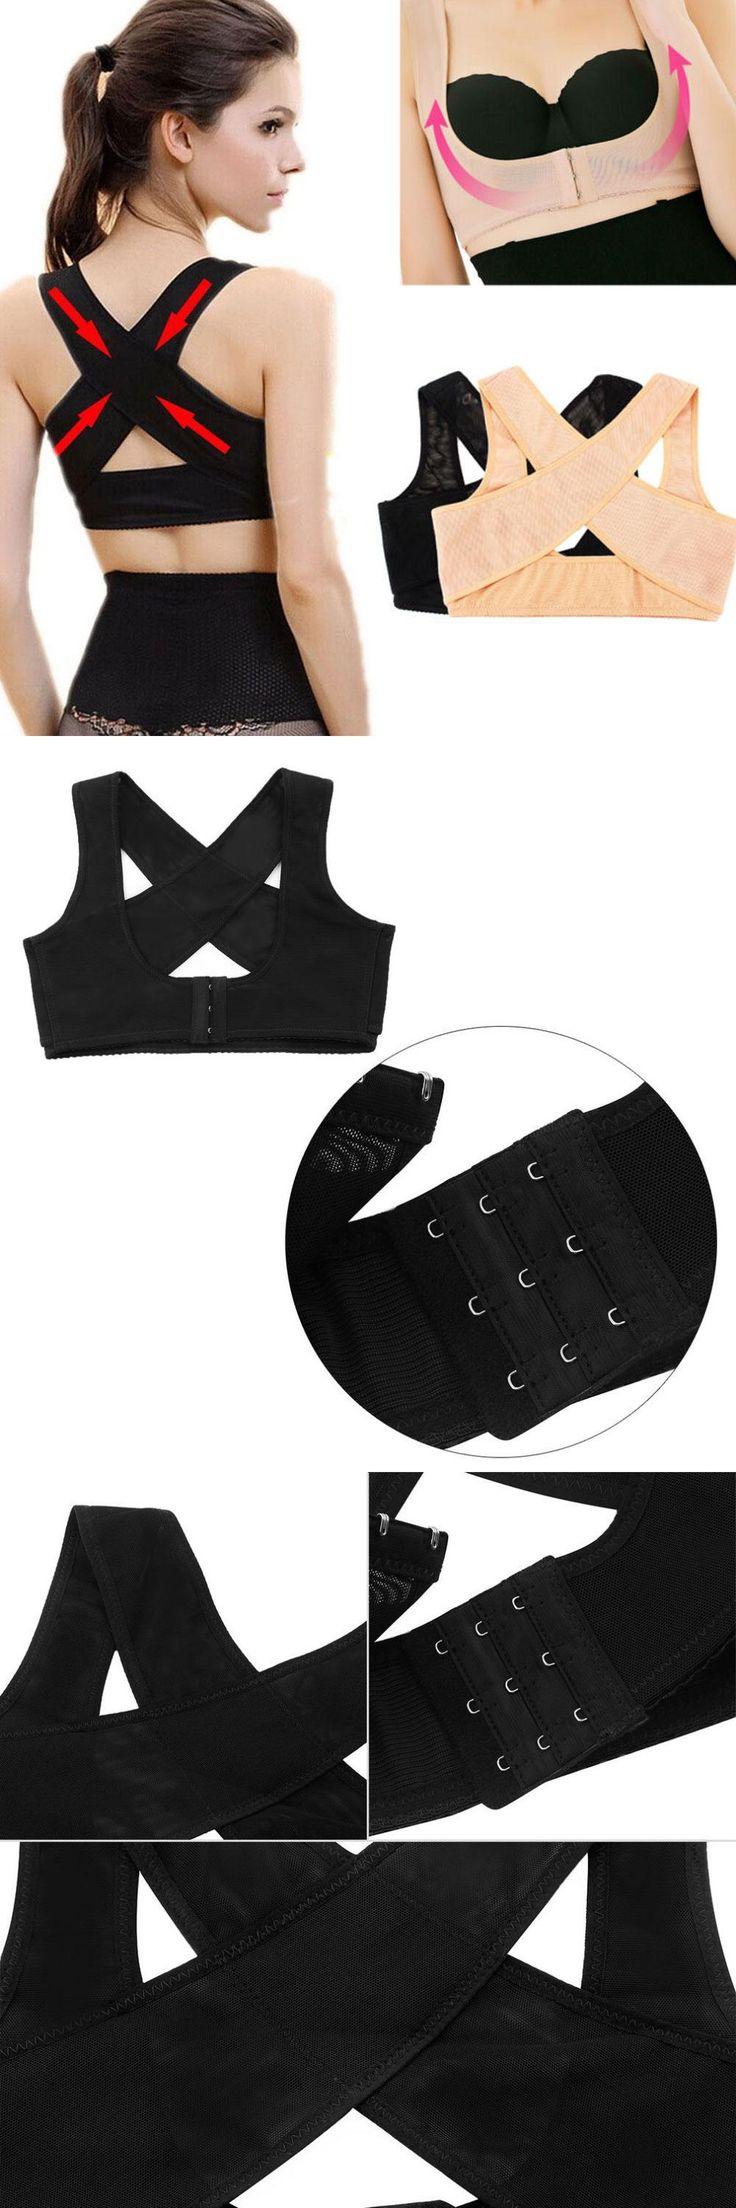 [Visit to Buy] 2 Colors Adjustable Back Brace Posture Corrector Chest Shoulder Support Belt Braces & Supports Health Care #Advertisement